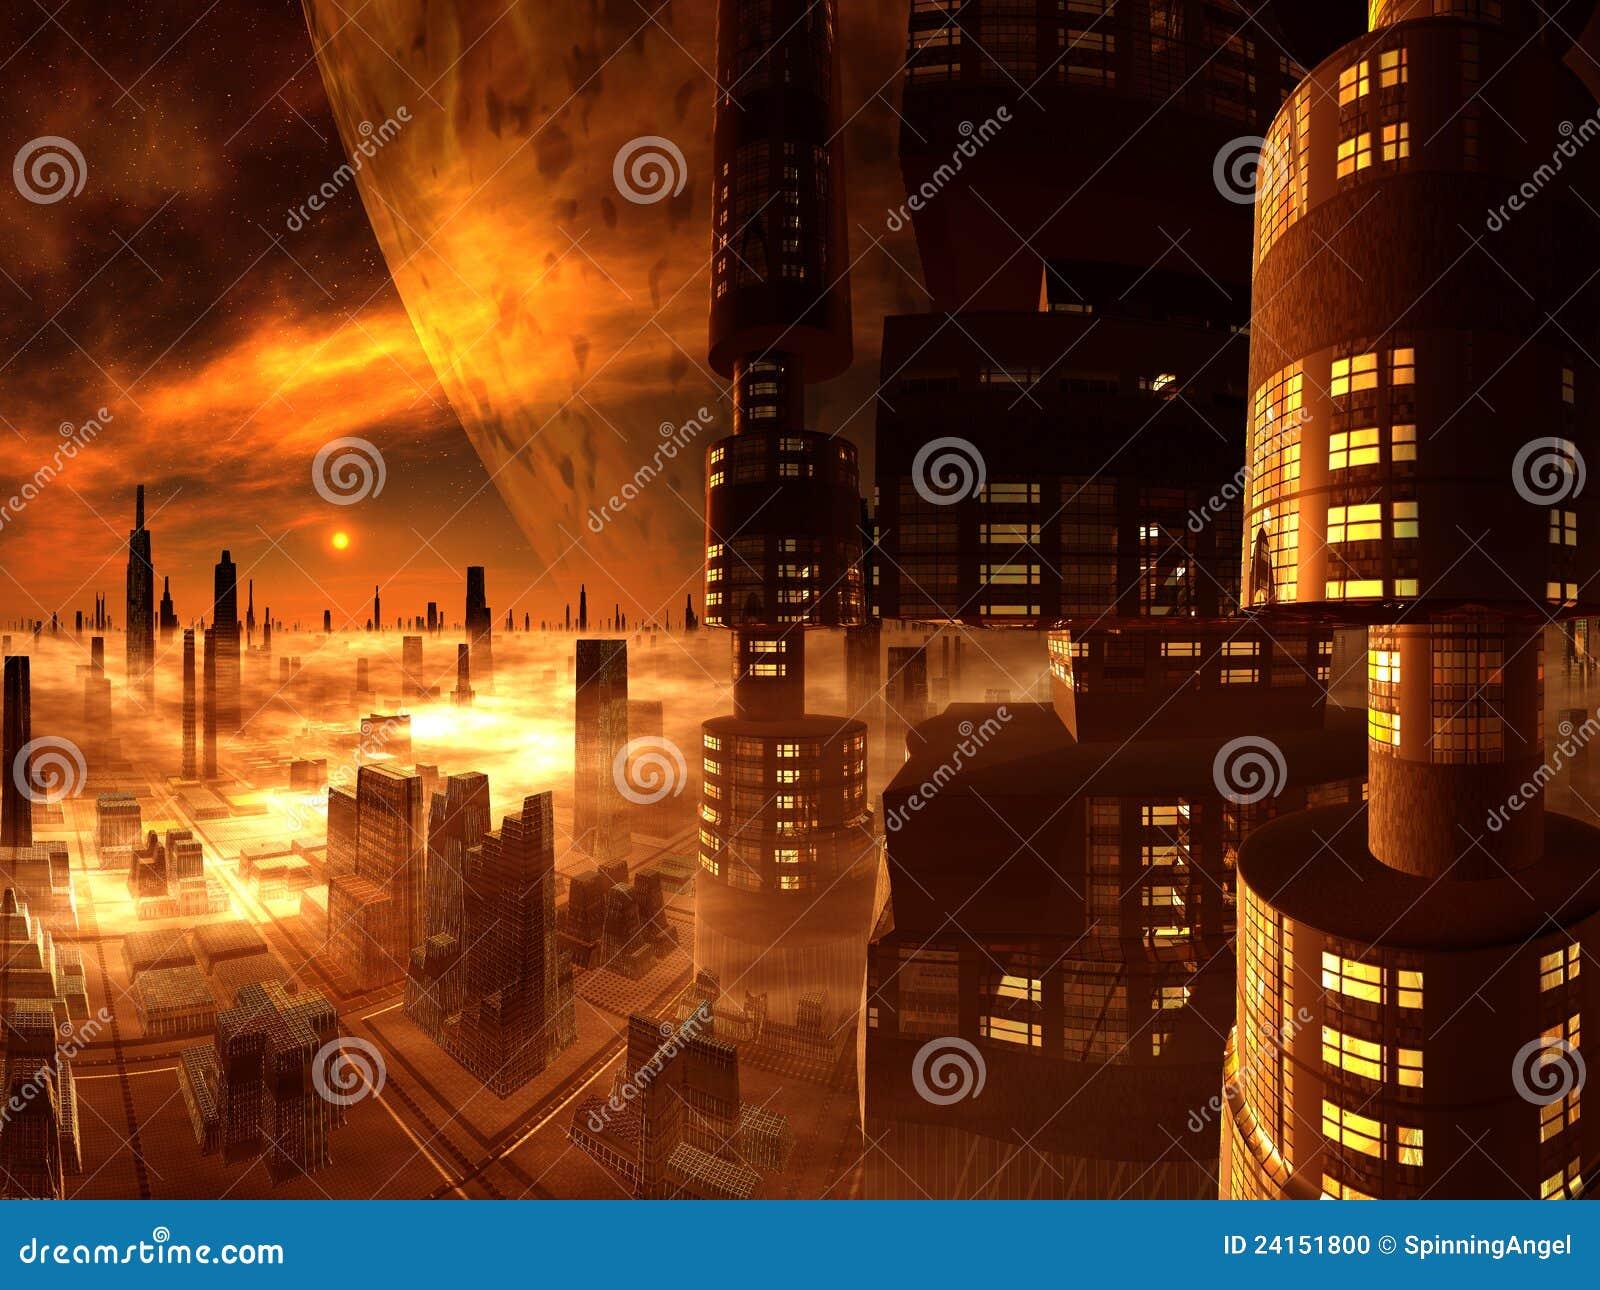 Generalità della città futura dalla torretta del grattacielo